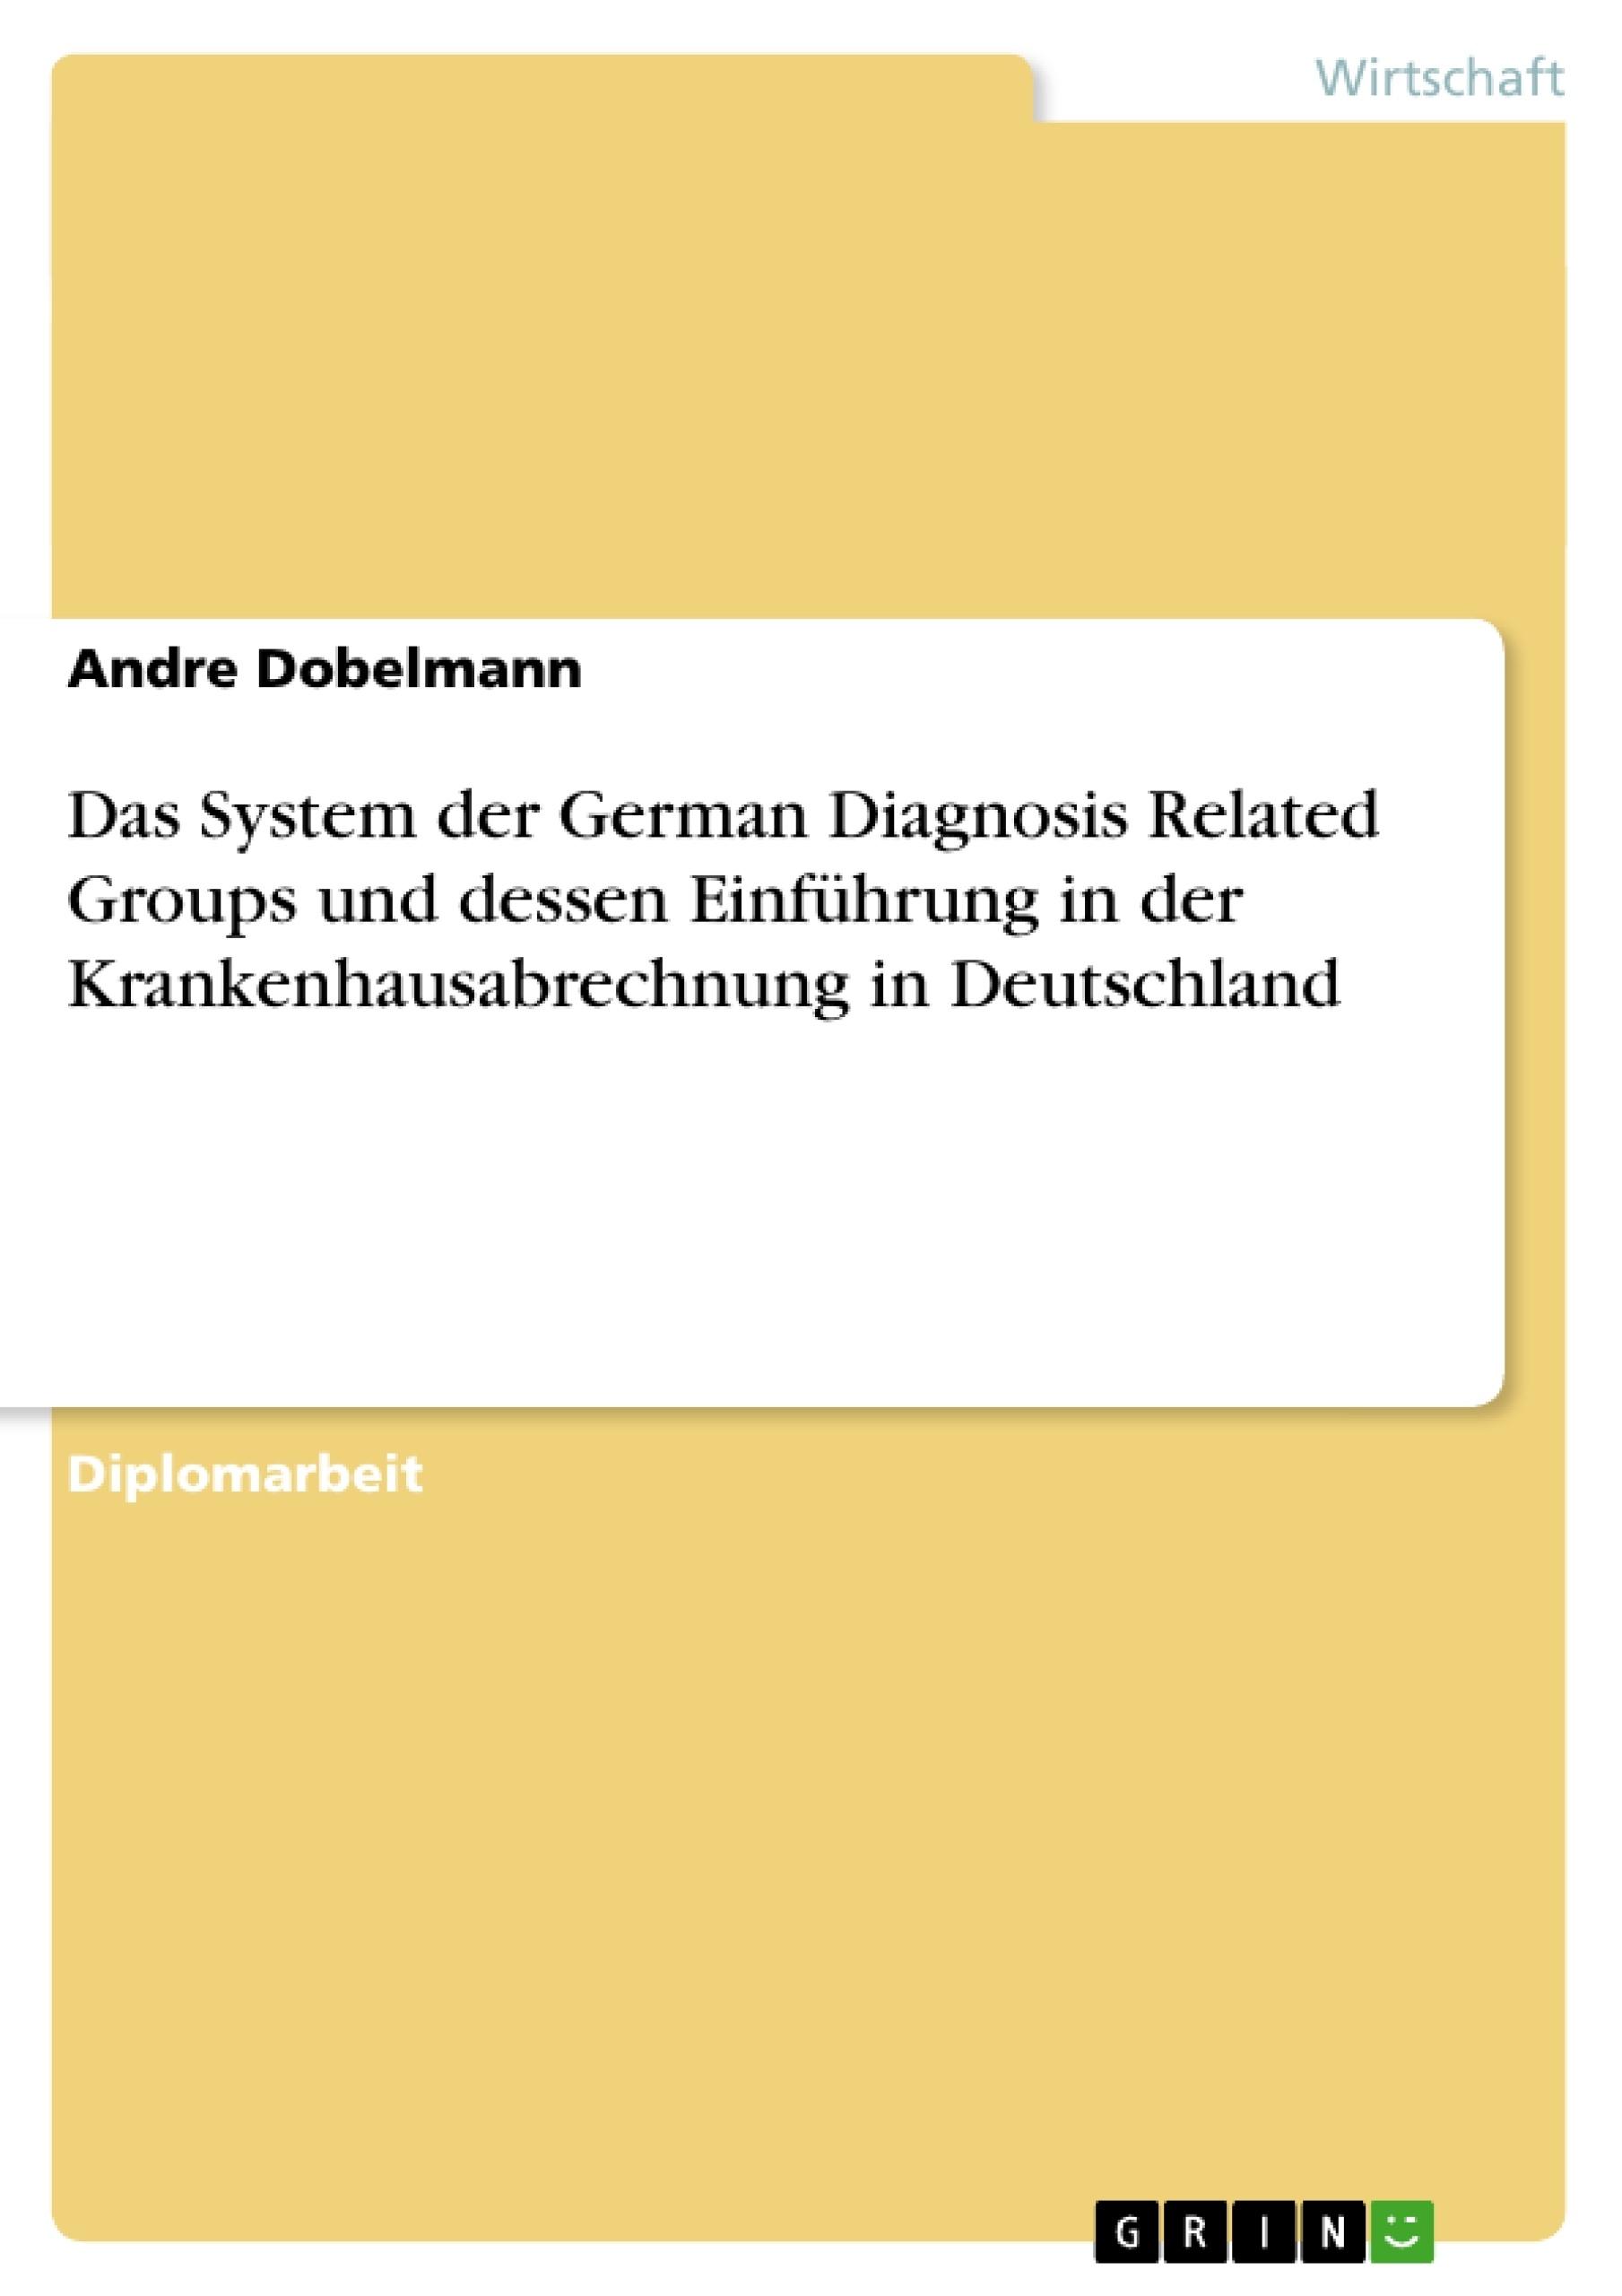 Titel: Das System der German Diagnosis Related Groups und dessen Einführung in der Krankenhausabrechnung in Deutschland